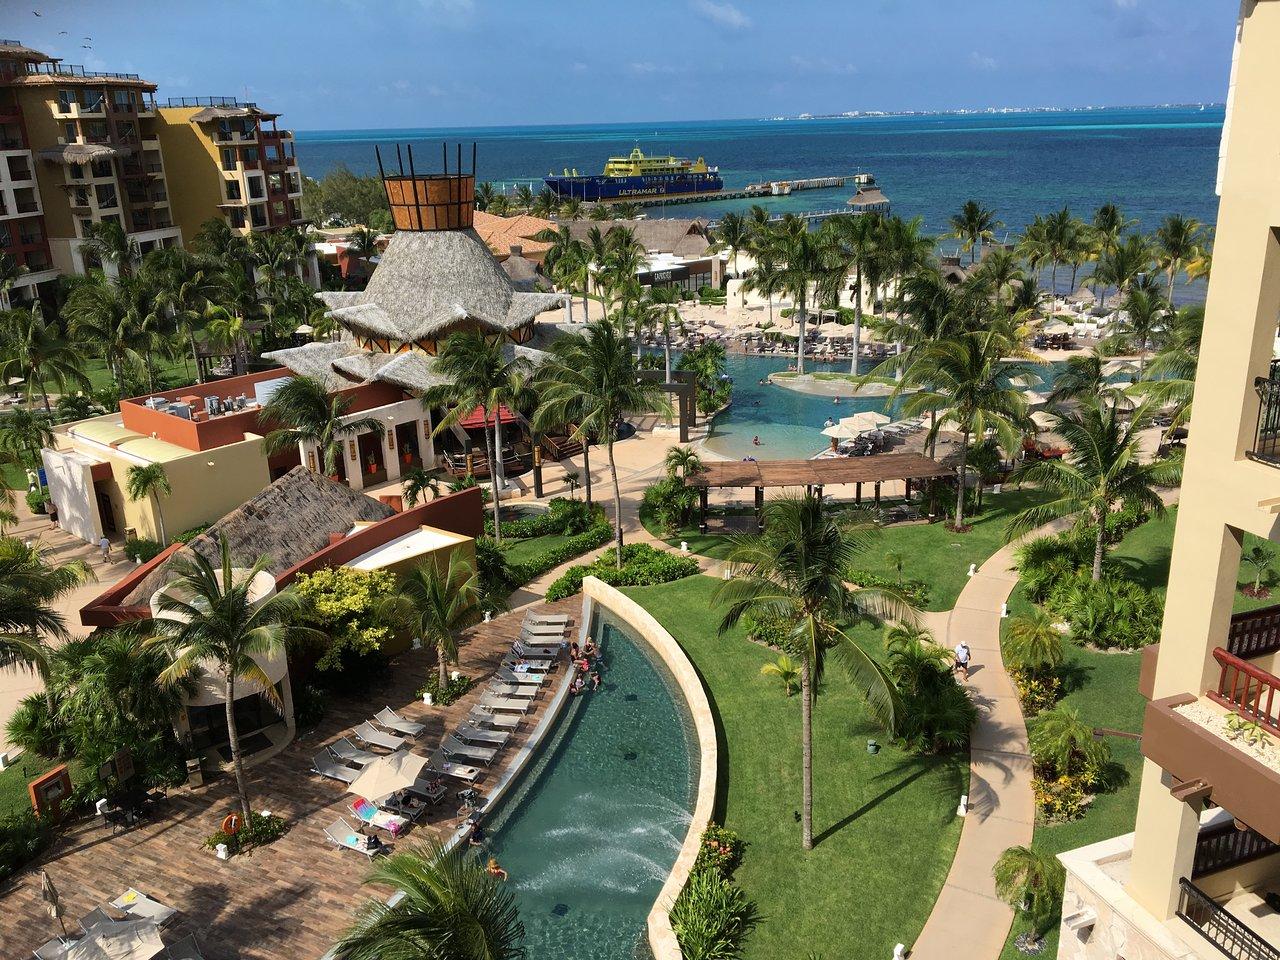 Villa Del Palmar Cancun Balcony View of Pool Area